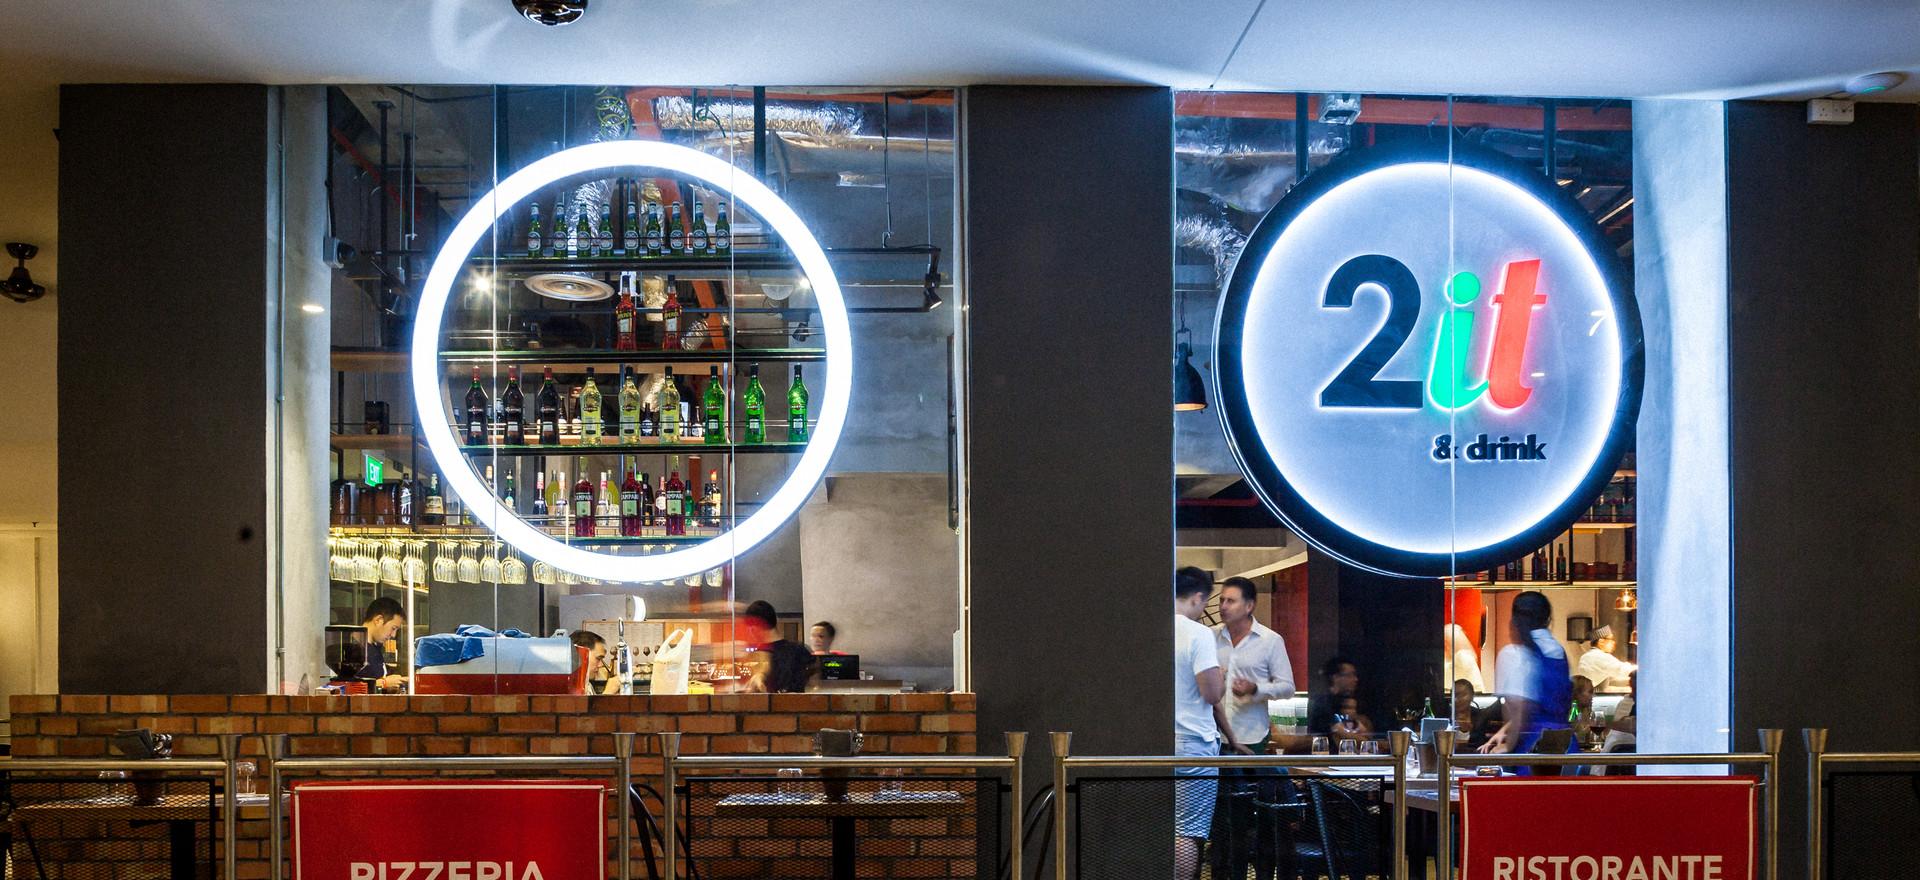 2it&drink_001.jpg